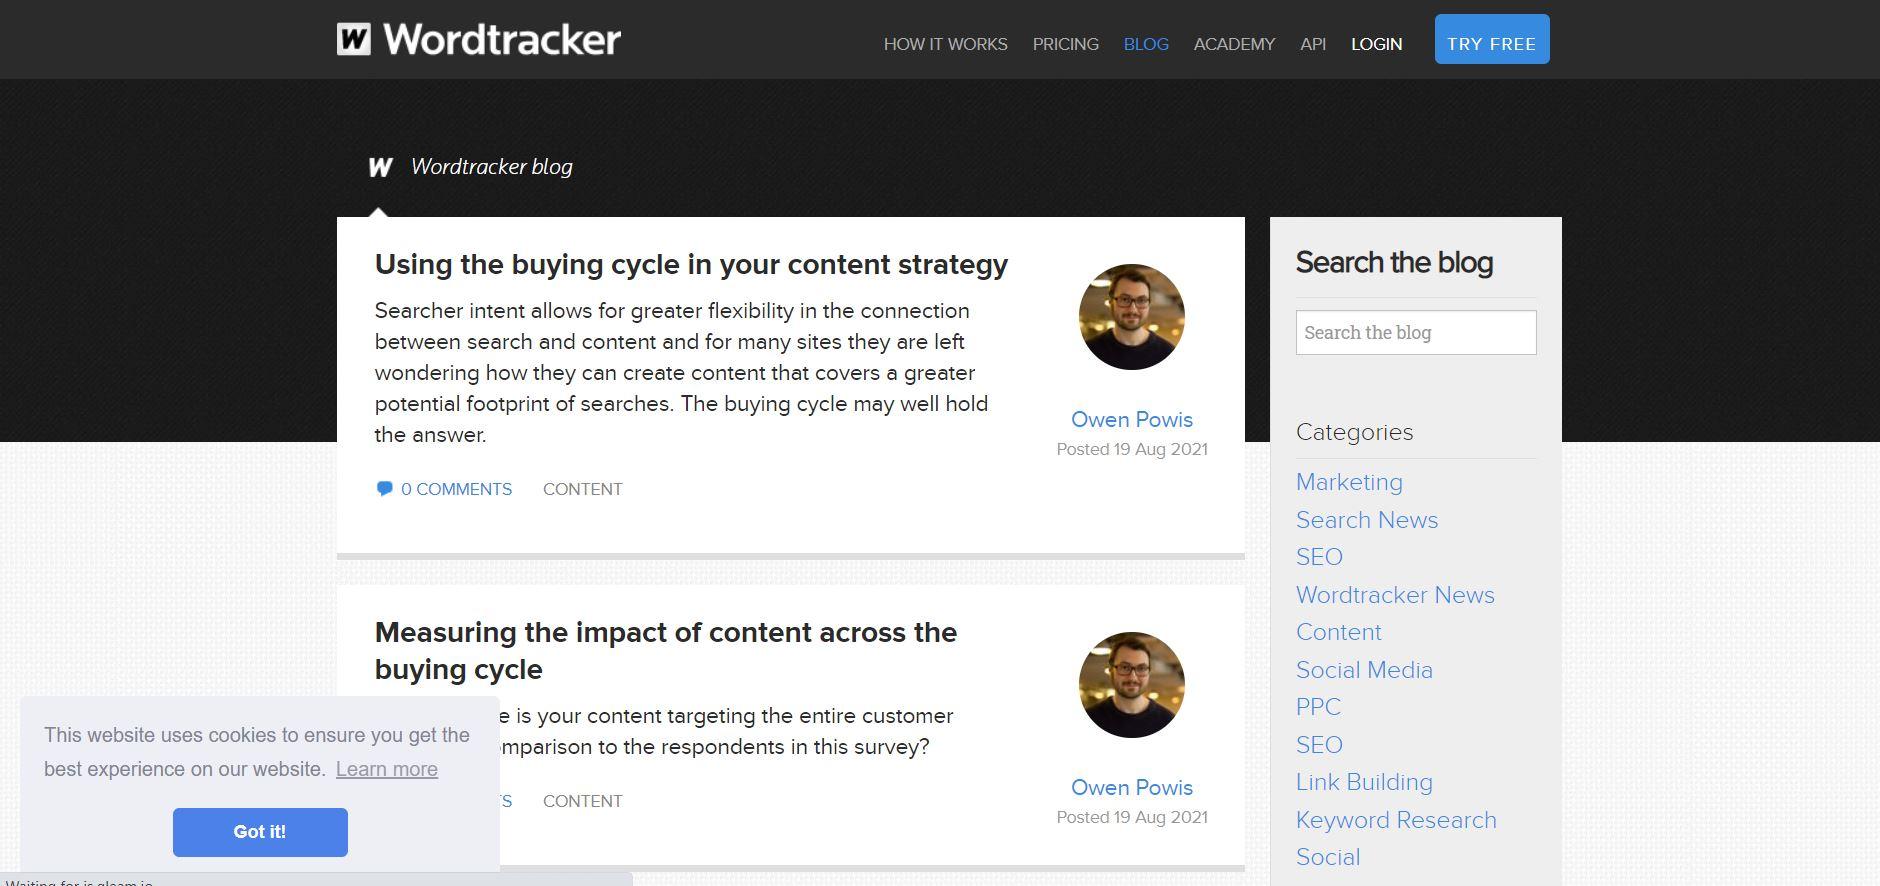 Wordtracker Blog